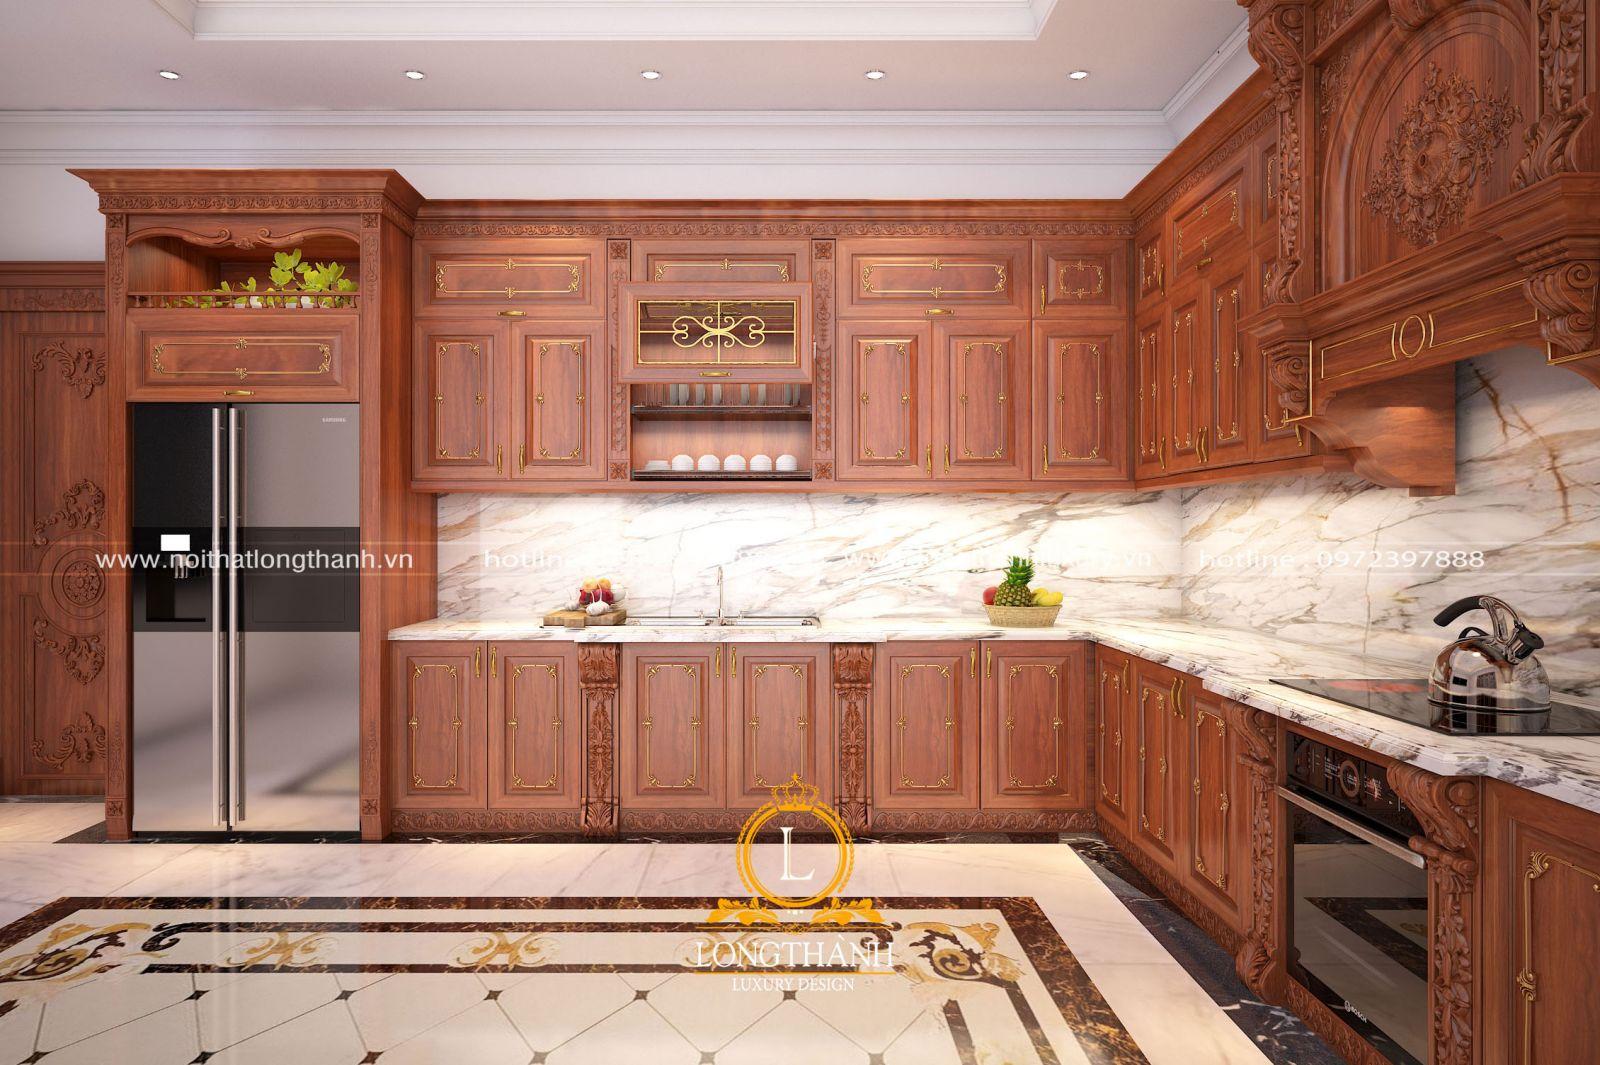 Tủ bếp tân cổ điển đẹp đáp ứng yêu cầu về công năng và thẩm mỹ